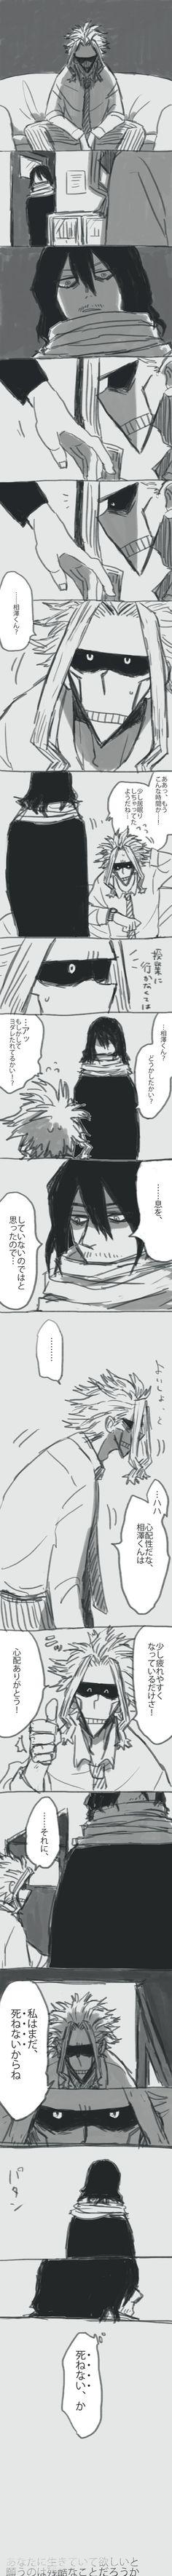 Boku no Hero Academia || All Might, Aizawa Shouta.